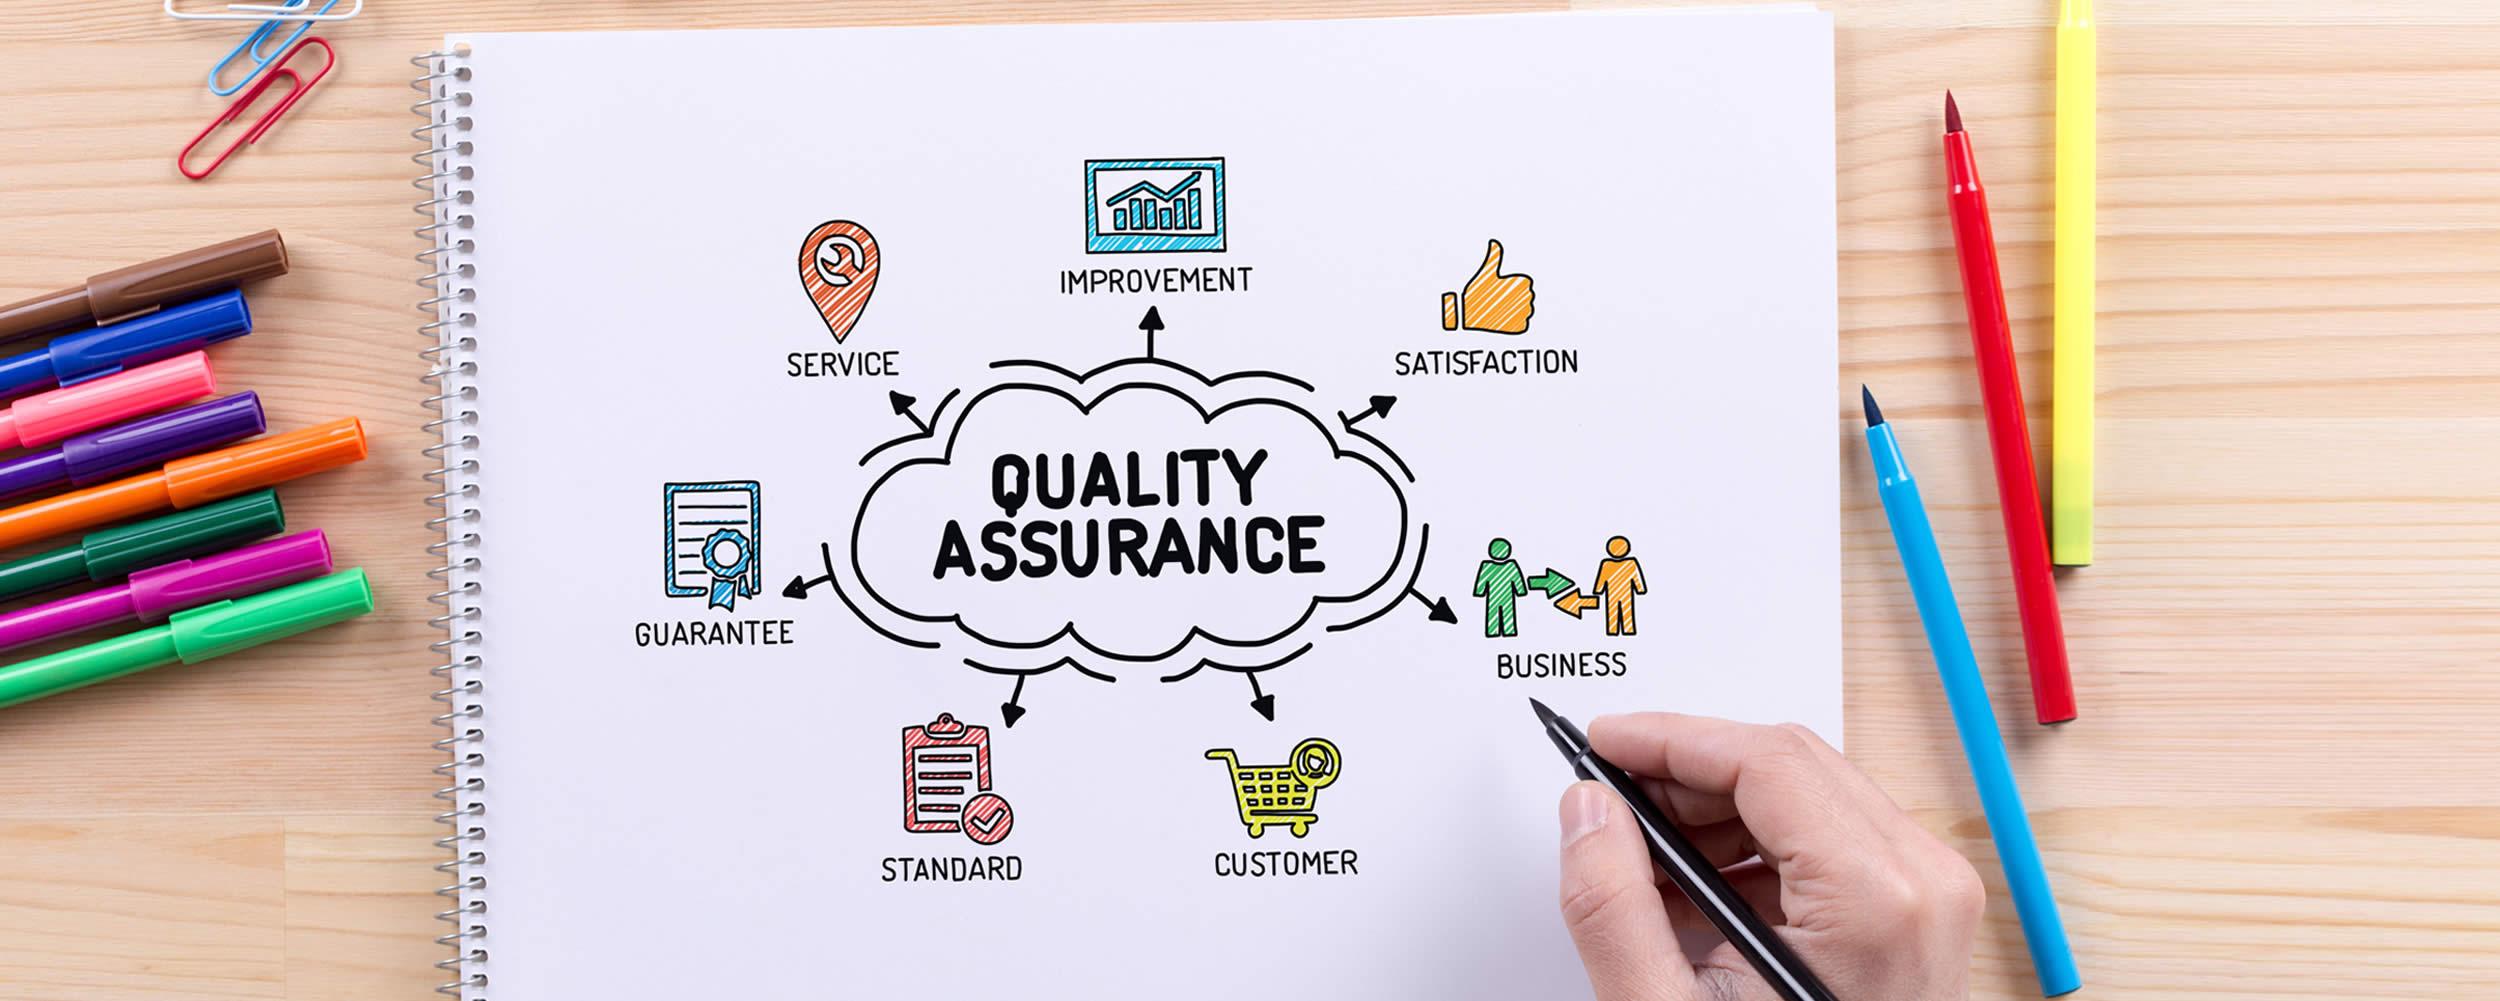 Care Homes Quality Assurance